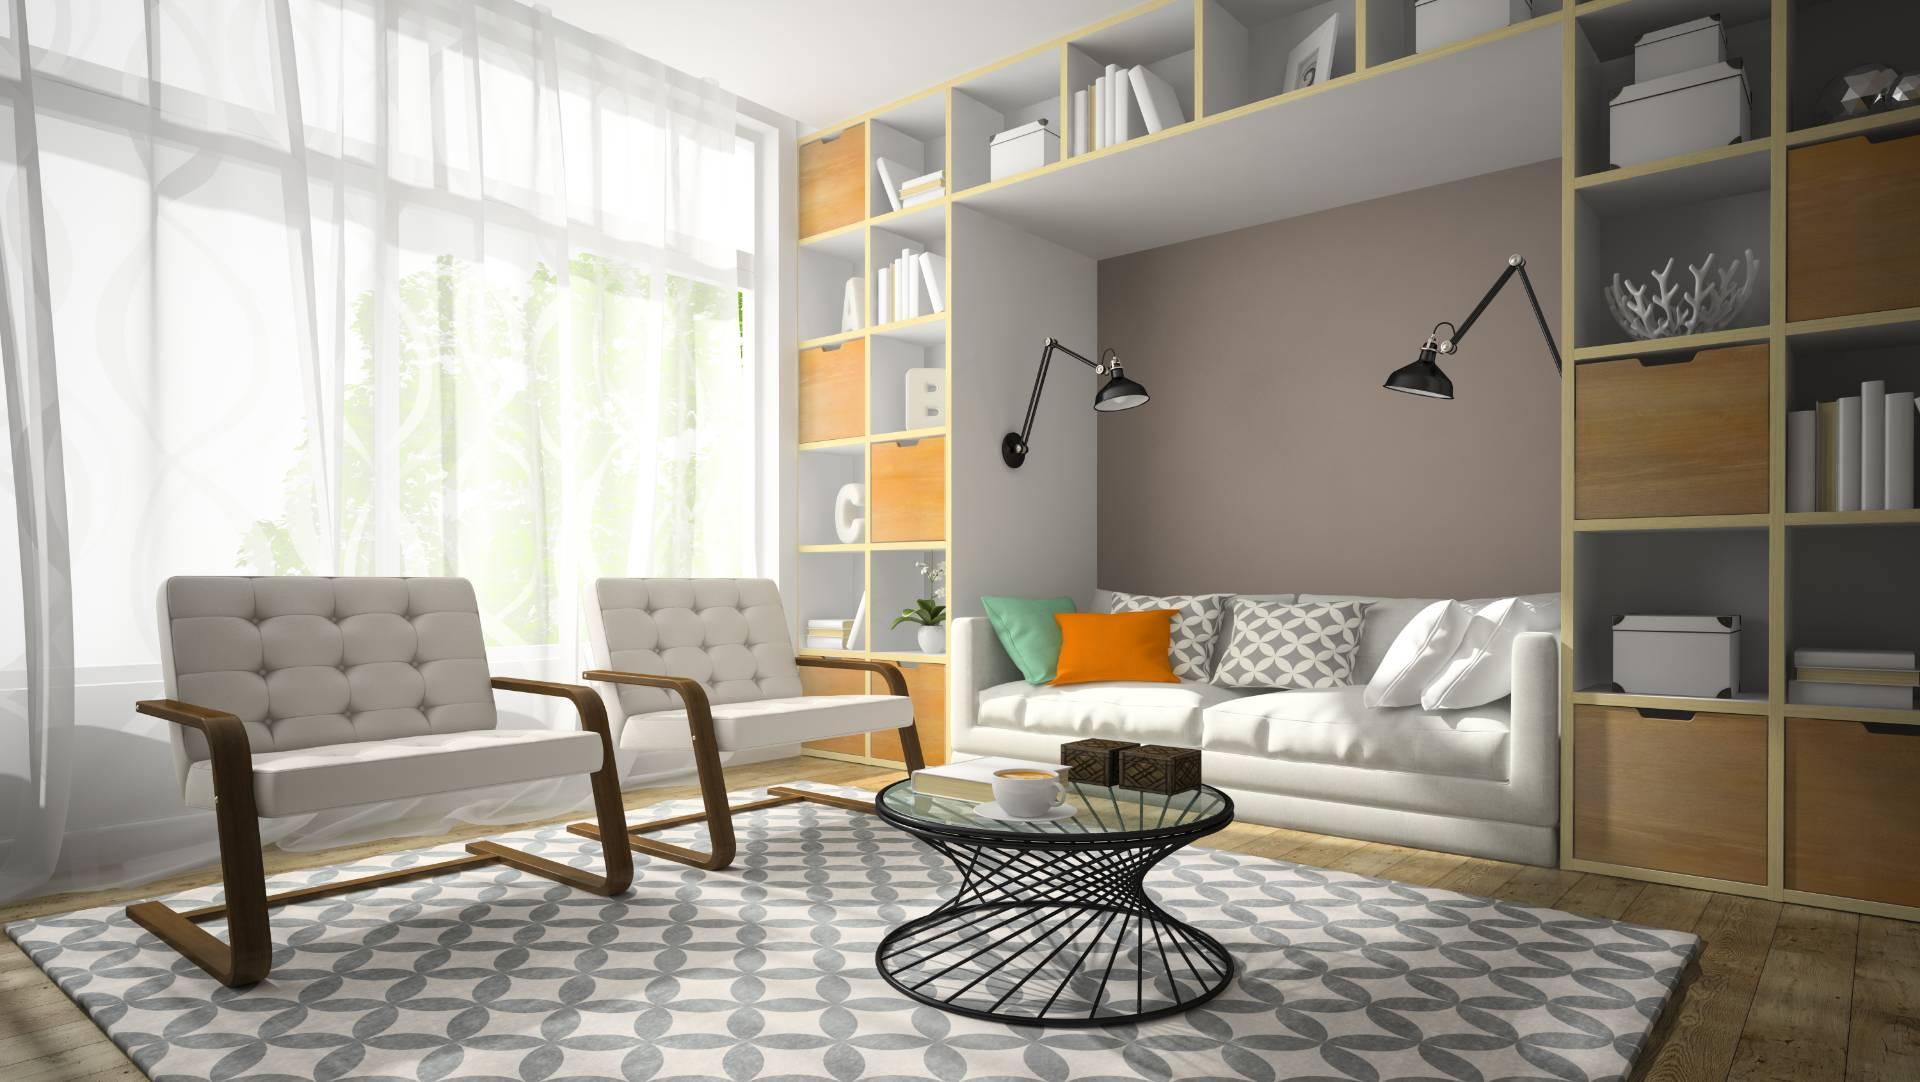 Cómo decoran su casa los millennials - Decoración Millennial las reformas asustan